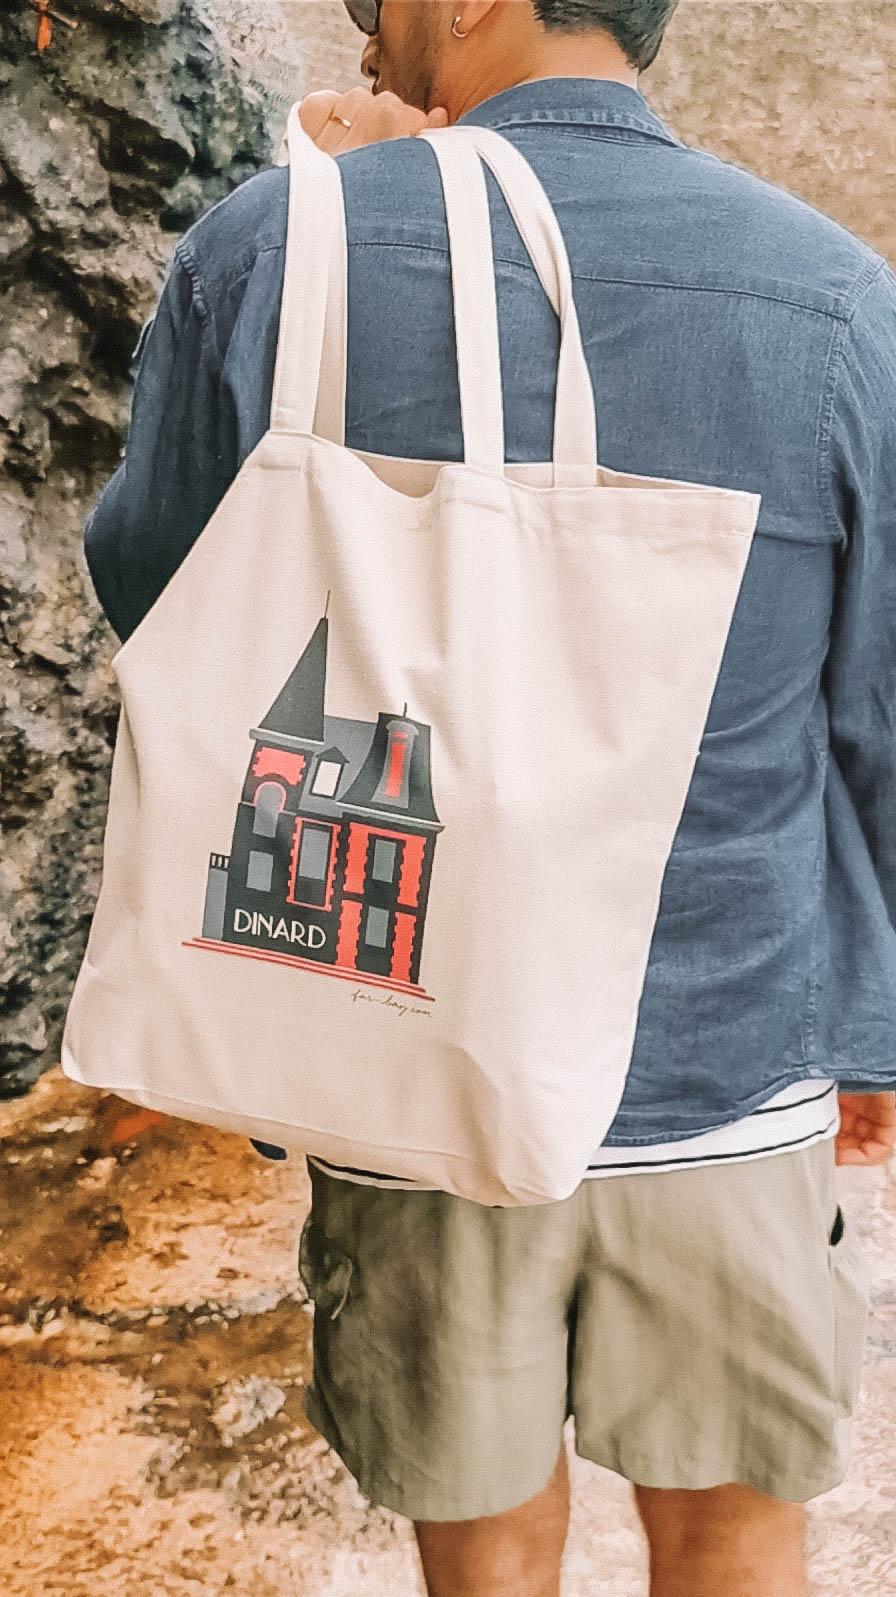 Pedro porte mon sac cabas Far Bay